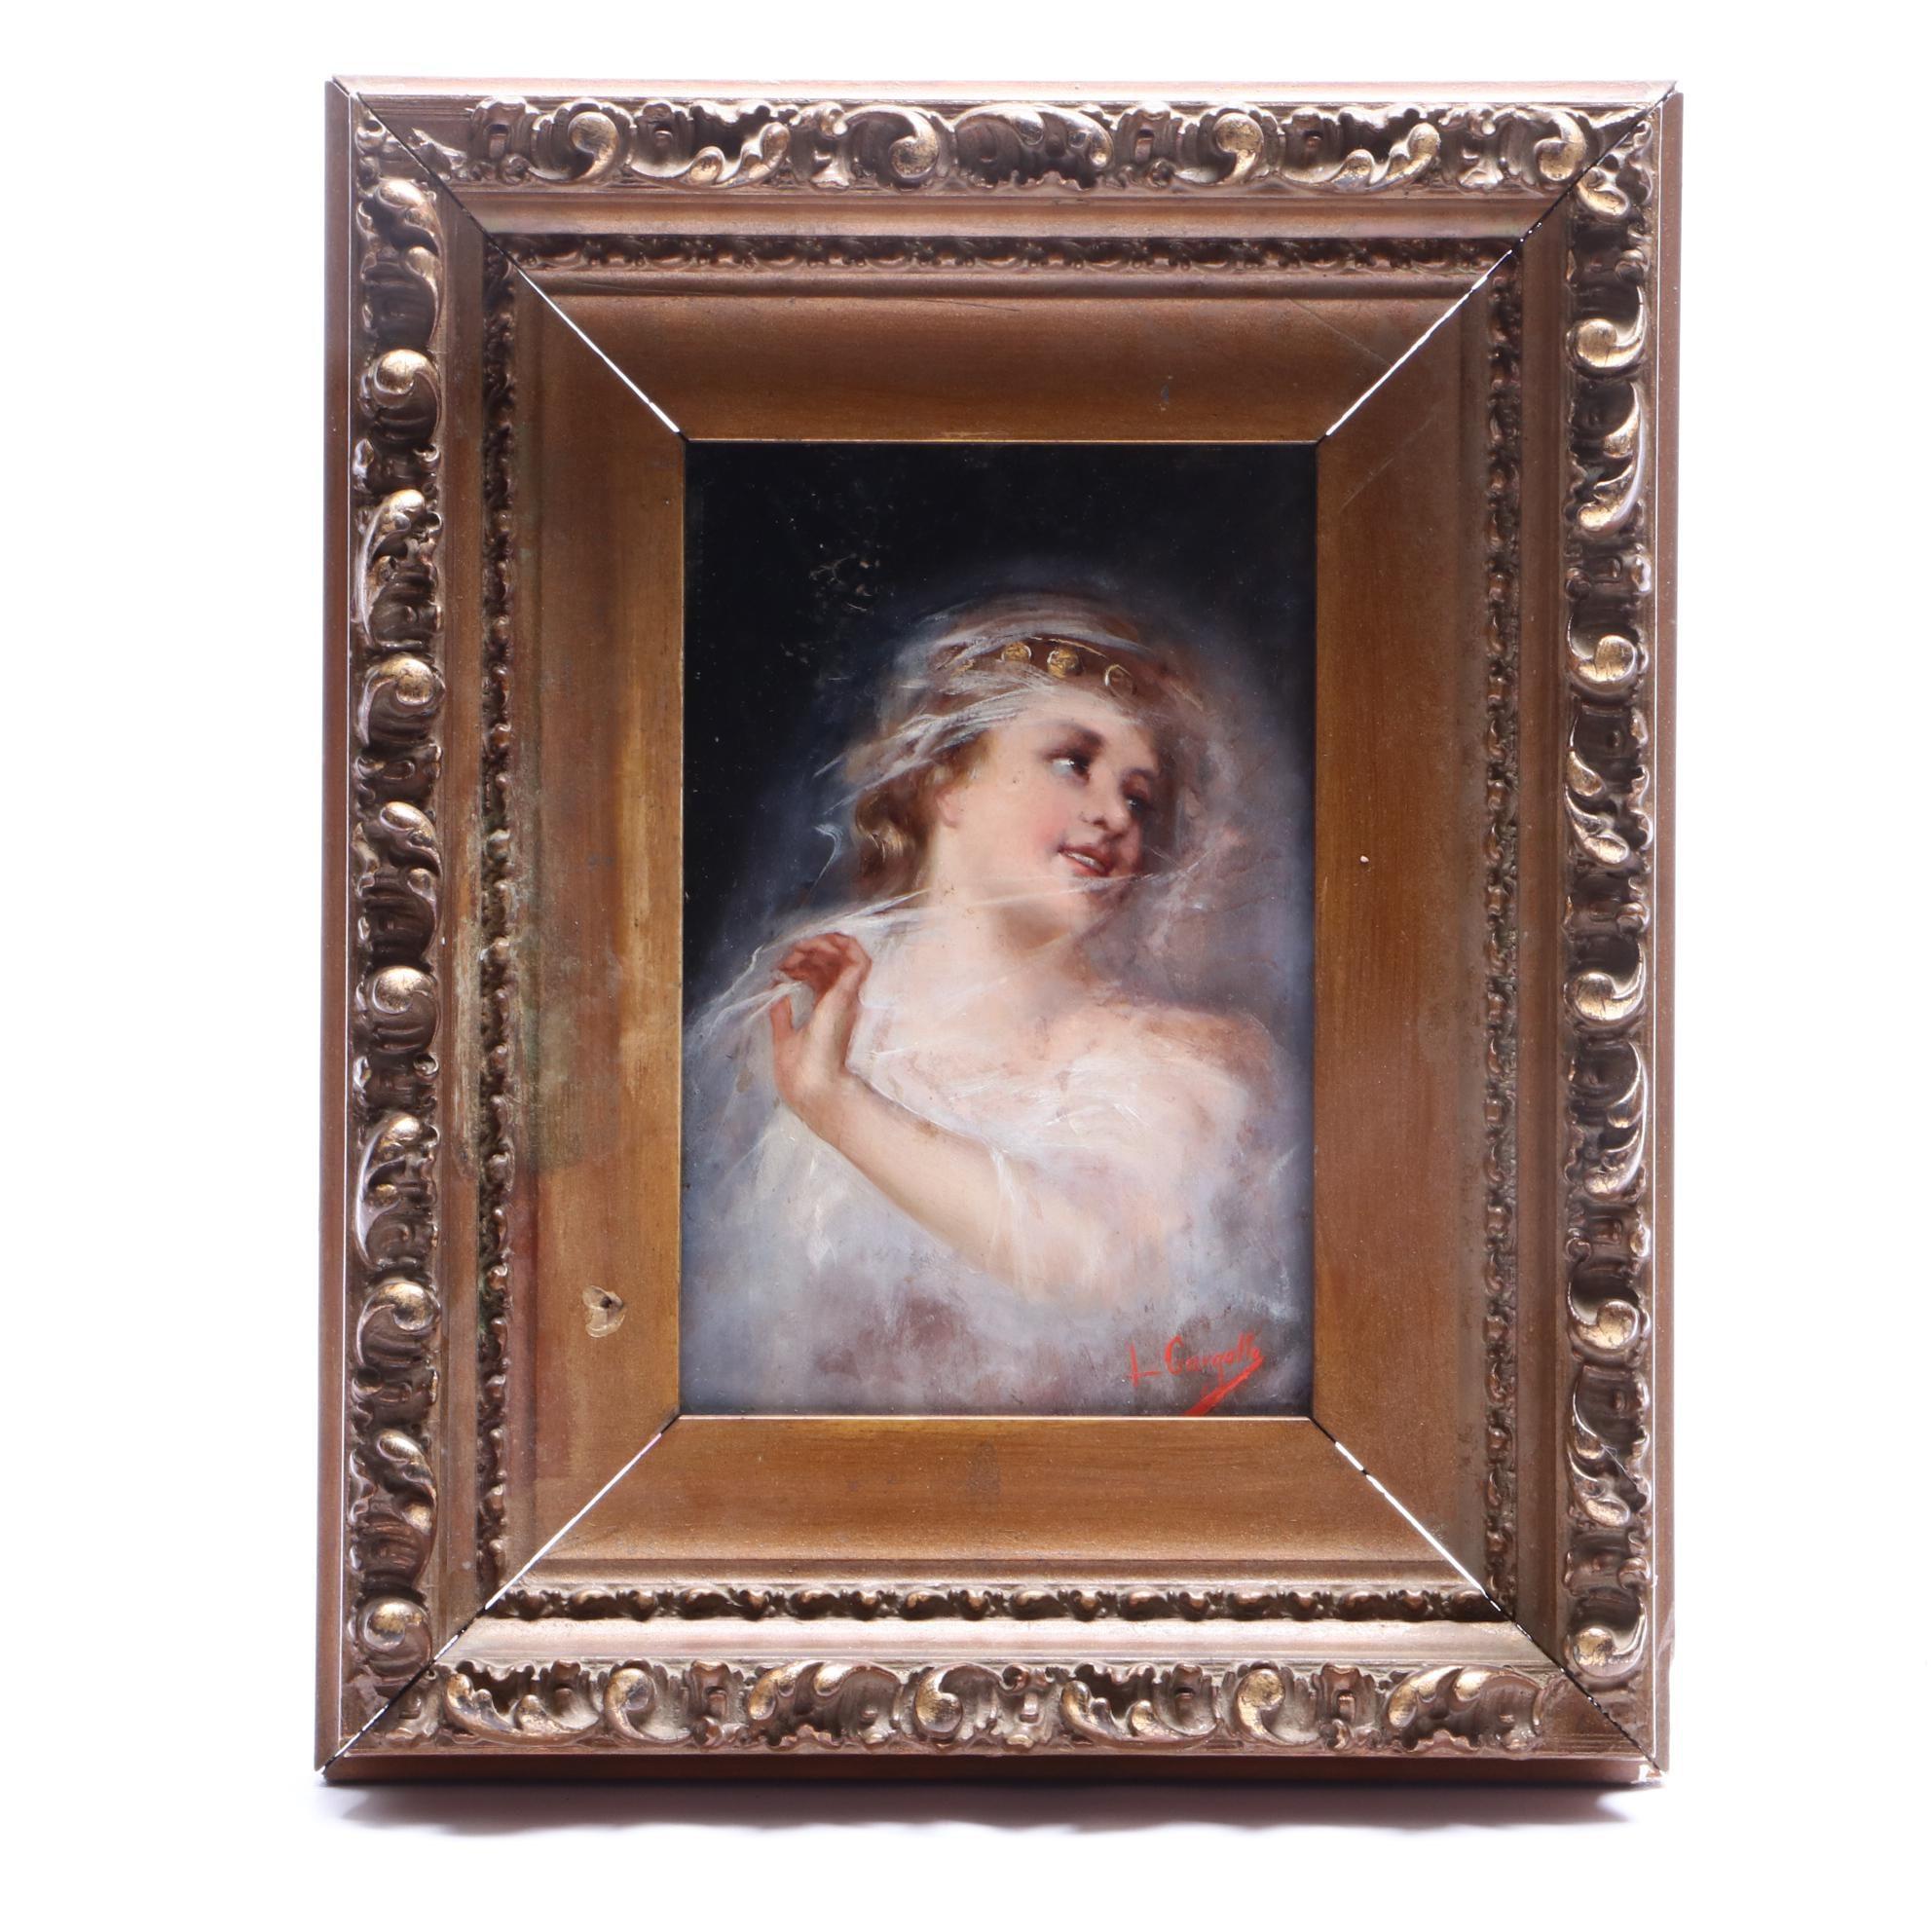 L. Gargallo Turn-of-the-Century Italian Oil Portrait on Wood